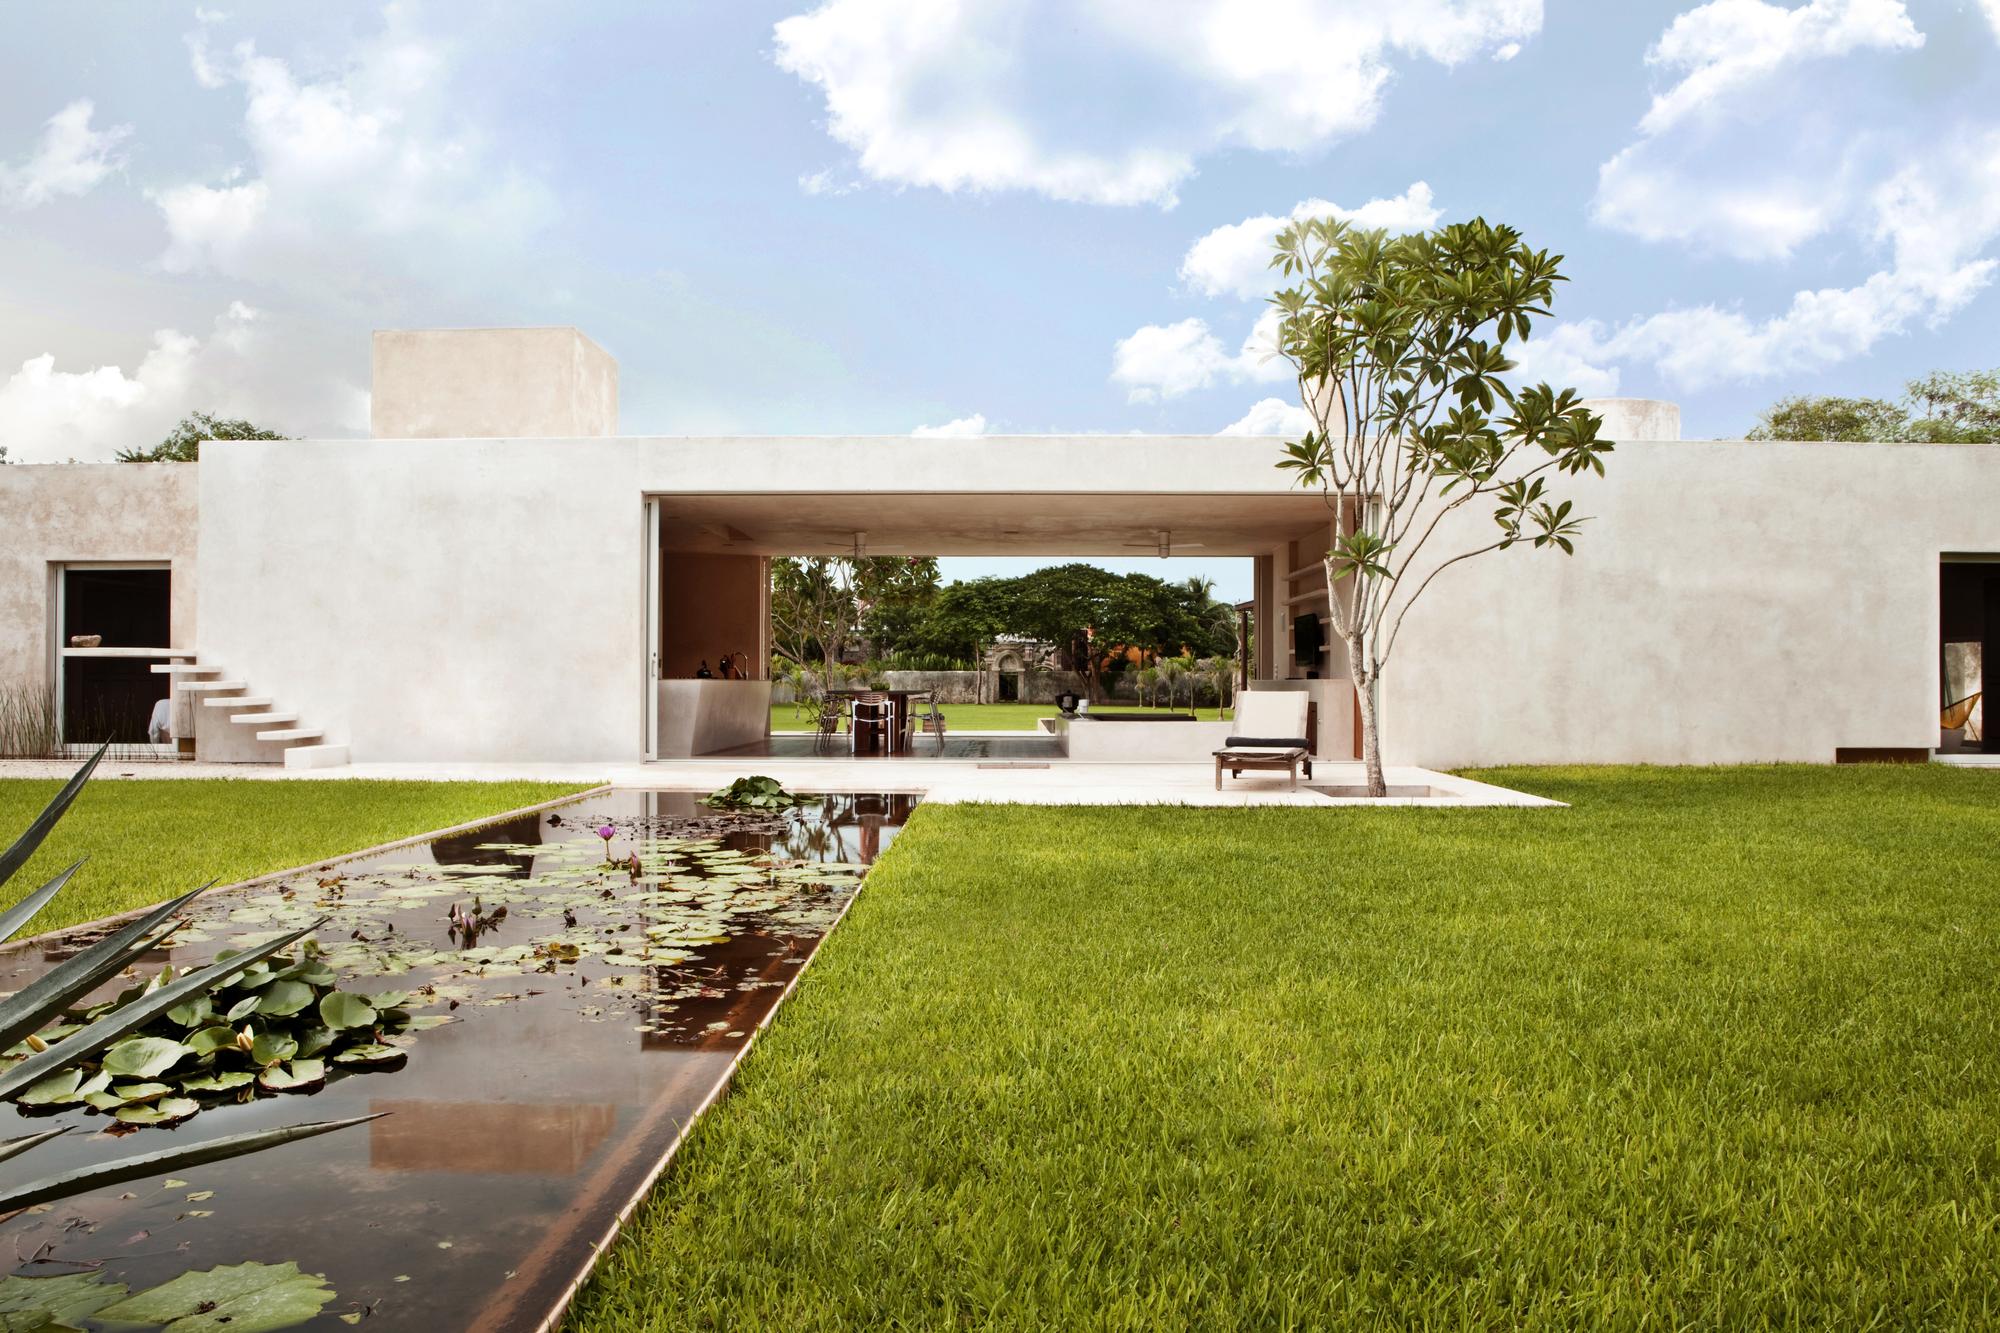 estilo arquitectonico mexicano contemporaneo - Buscar con Google